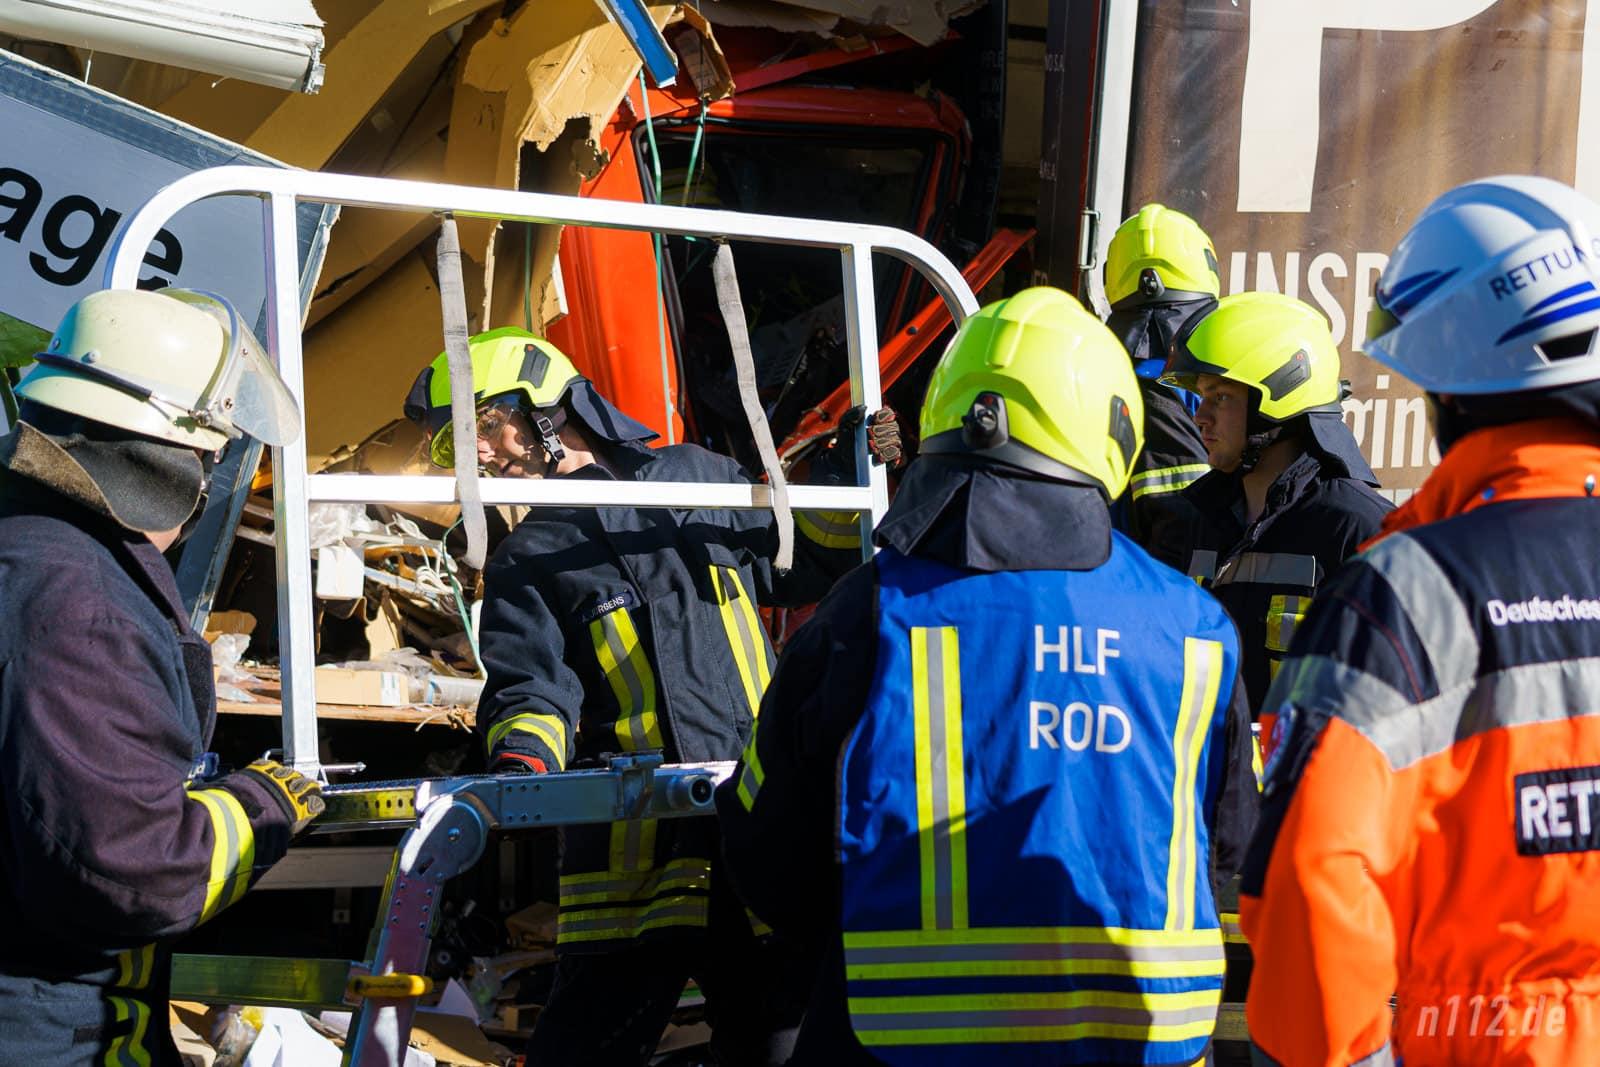 Helfer bauen eine Rettungsbühne auf, um auf der Ebene der Fahrerkabine arbeiten zu können (Foto: n112.de/Stefan Simonsen)